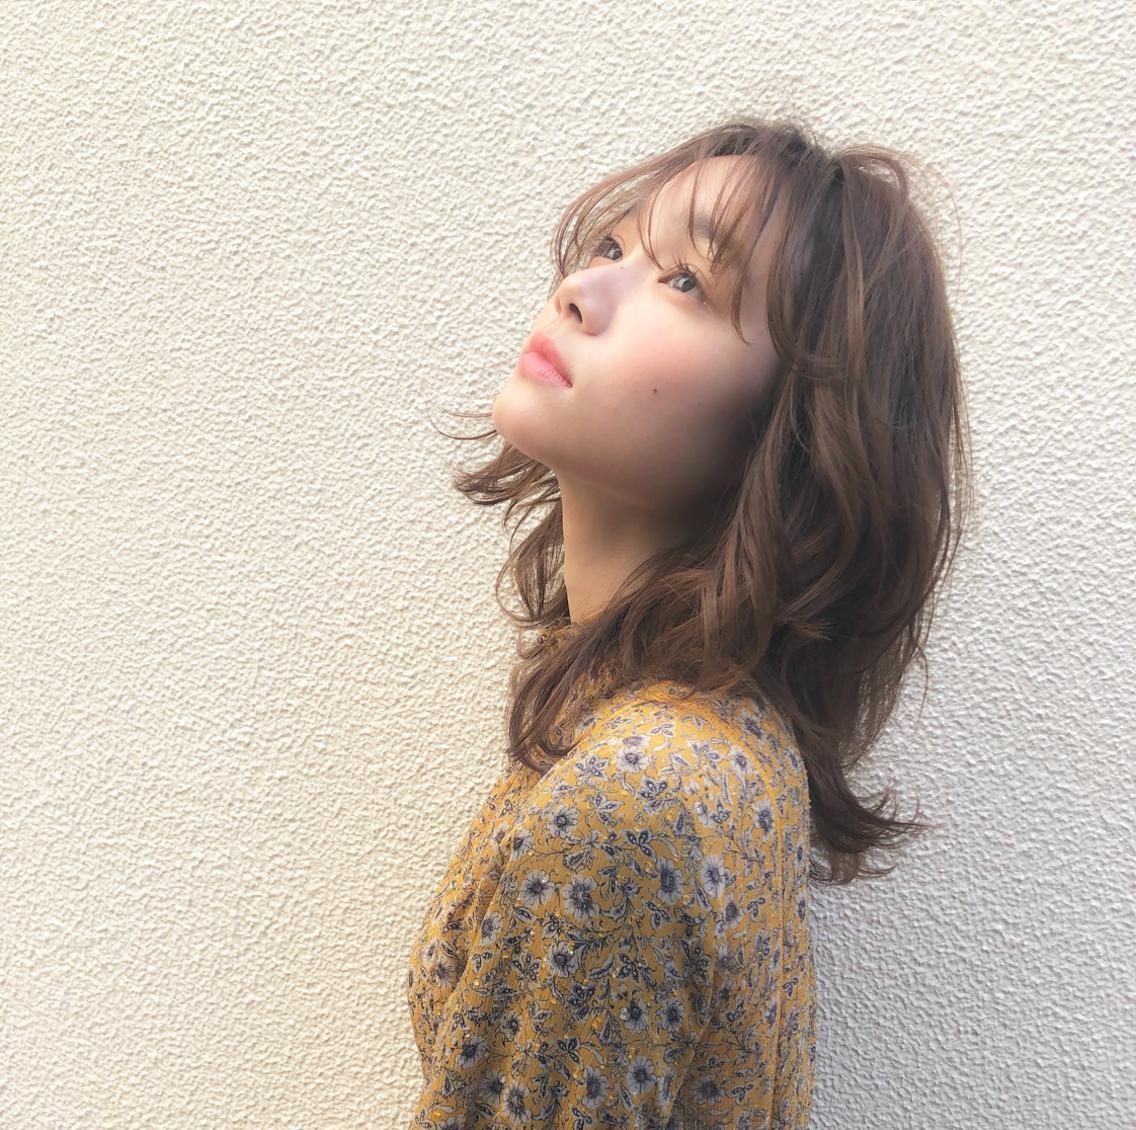 本日夜9時から無料ロングレイヤーカットモデルさん募集!!